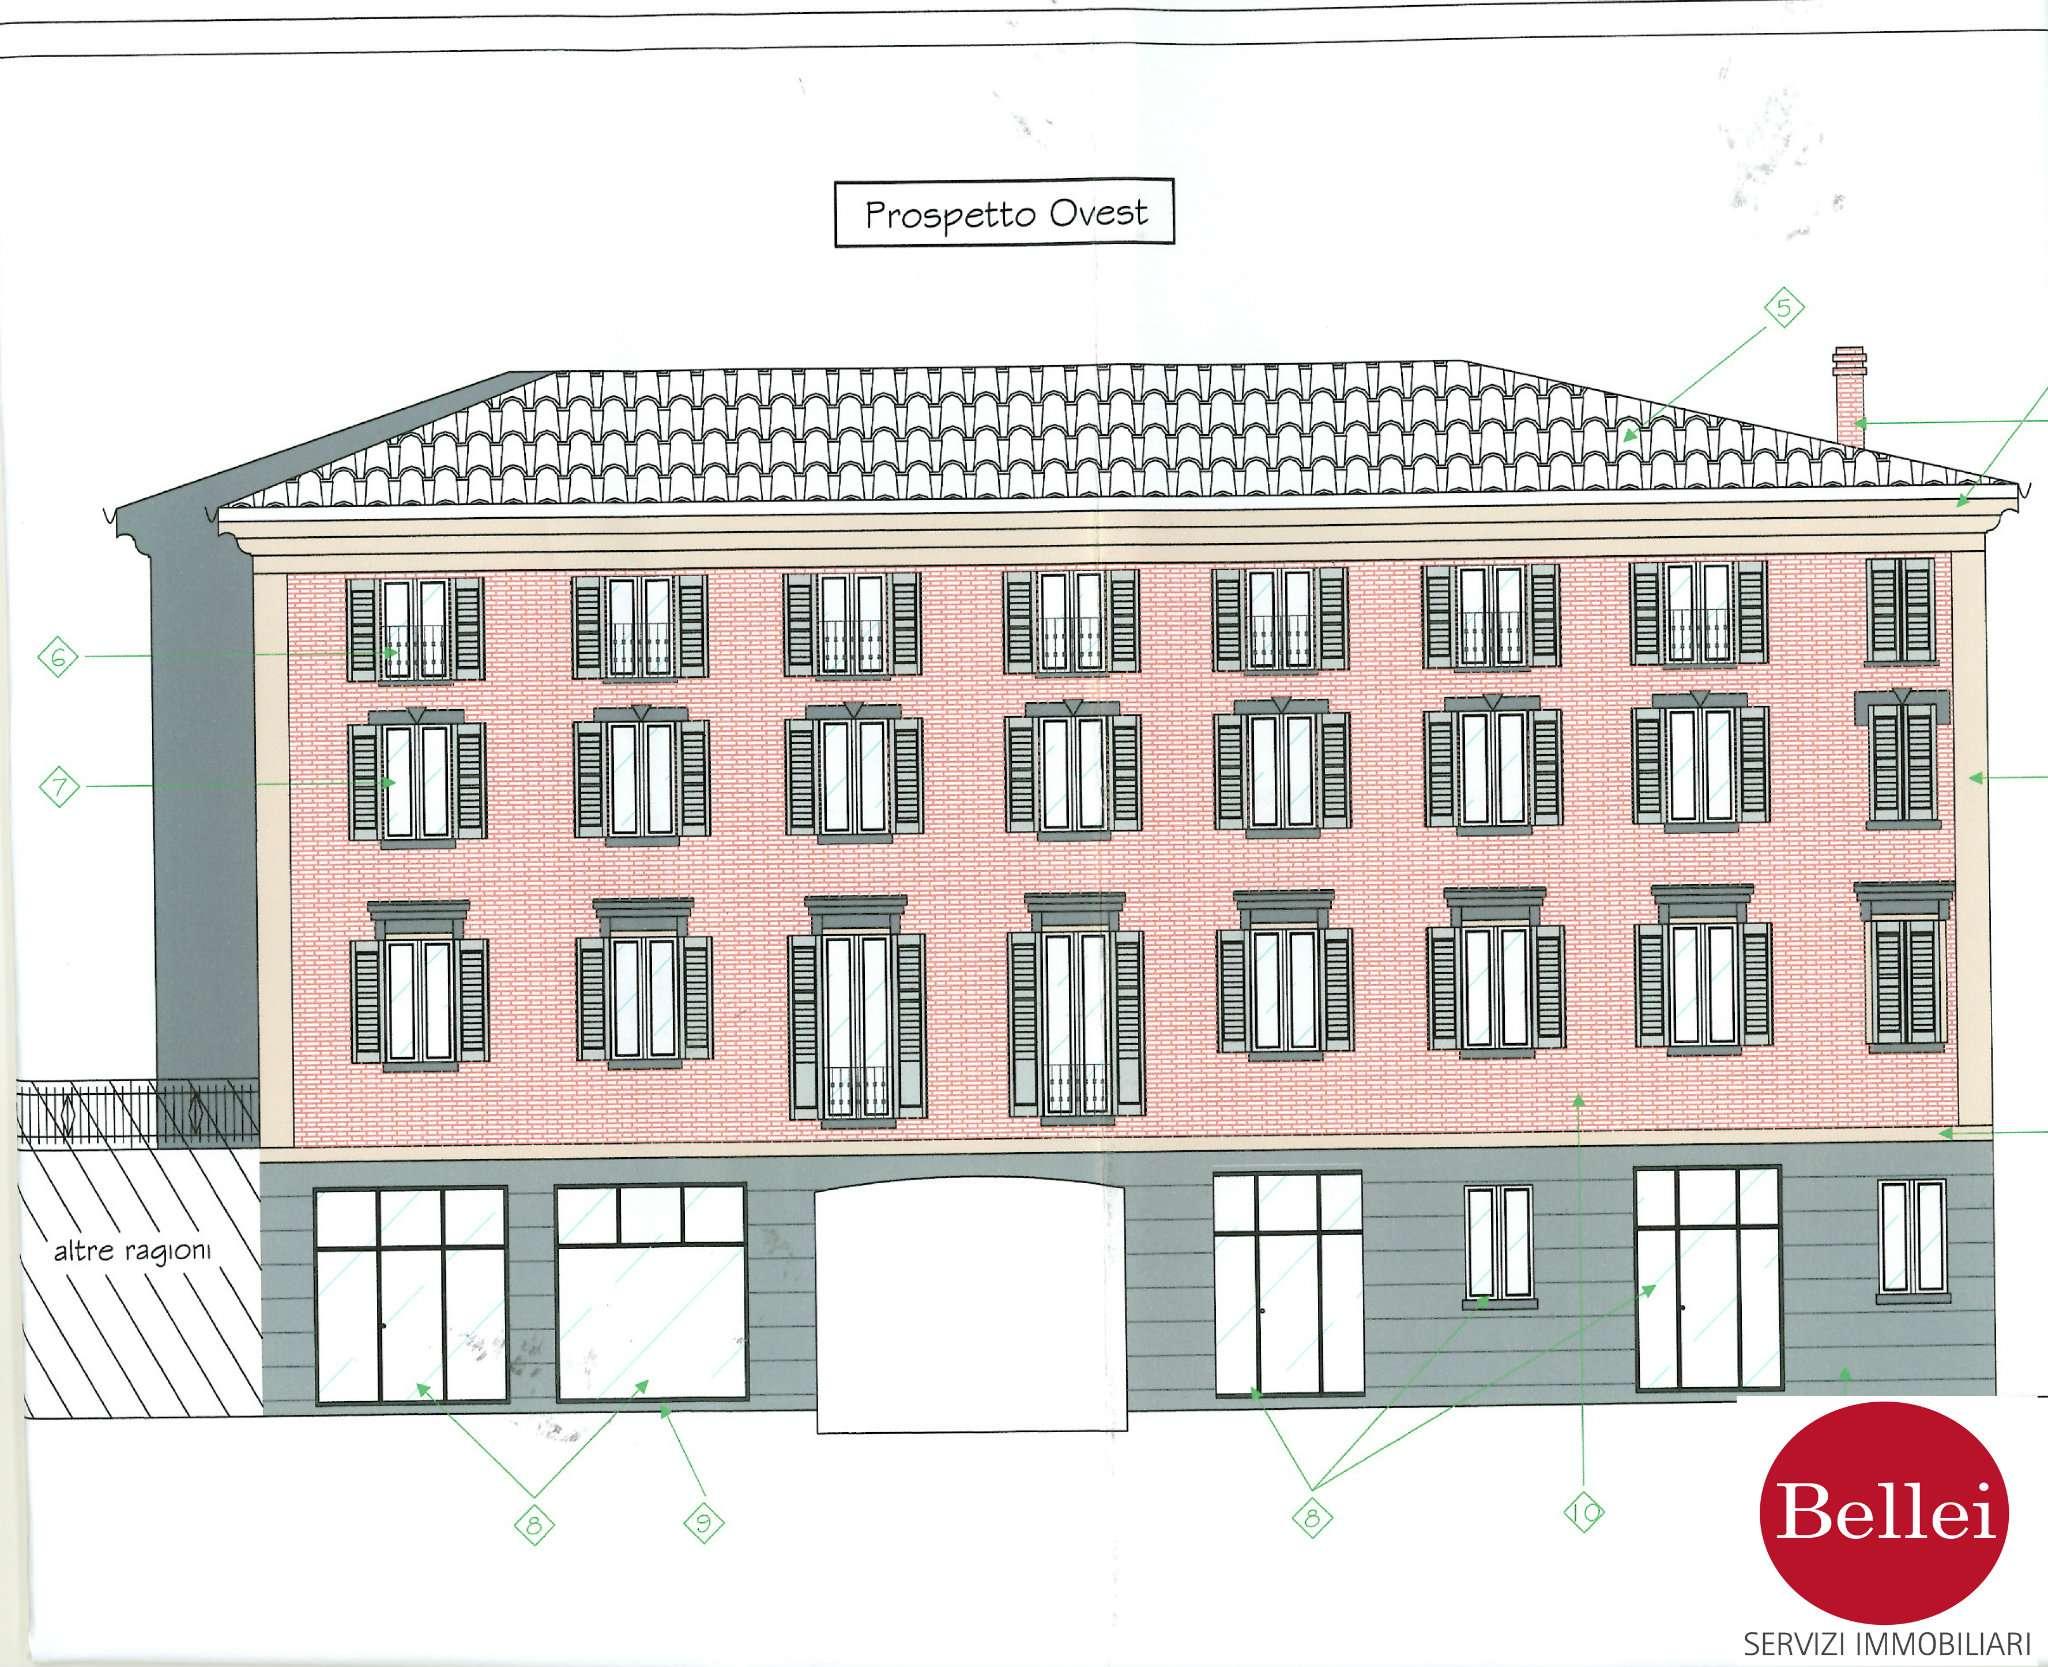 Soluzione Indipendente in vendita a Sassuolo, 9999 locali, Trattative riservate | CambioCasa.it